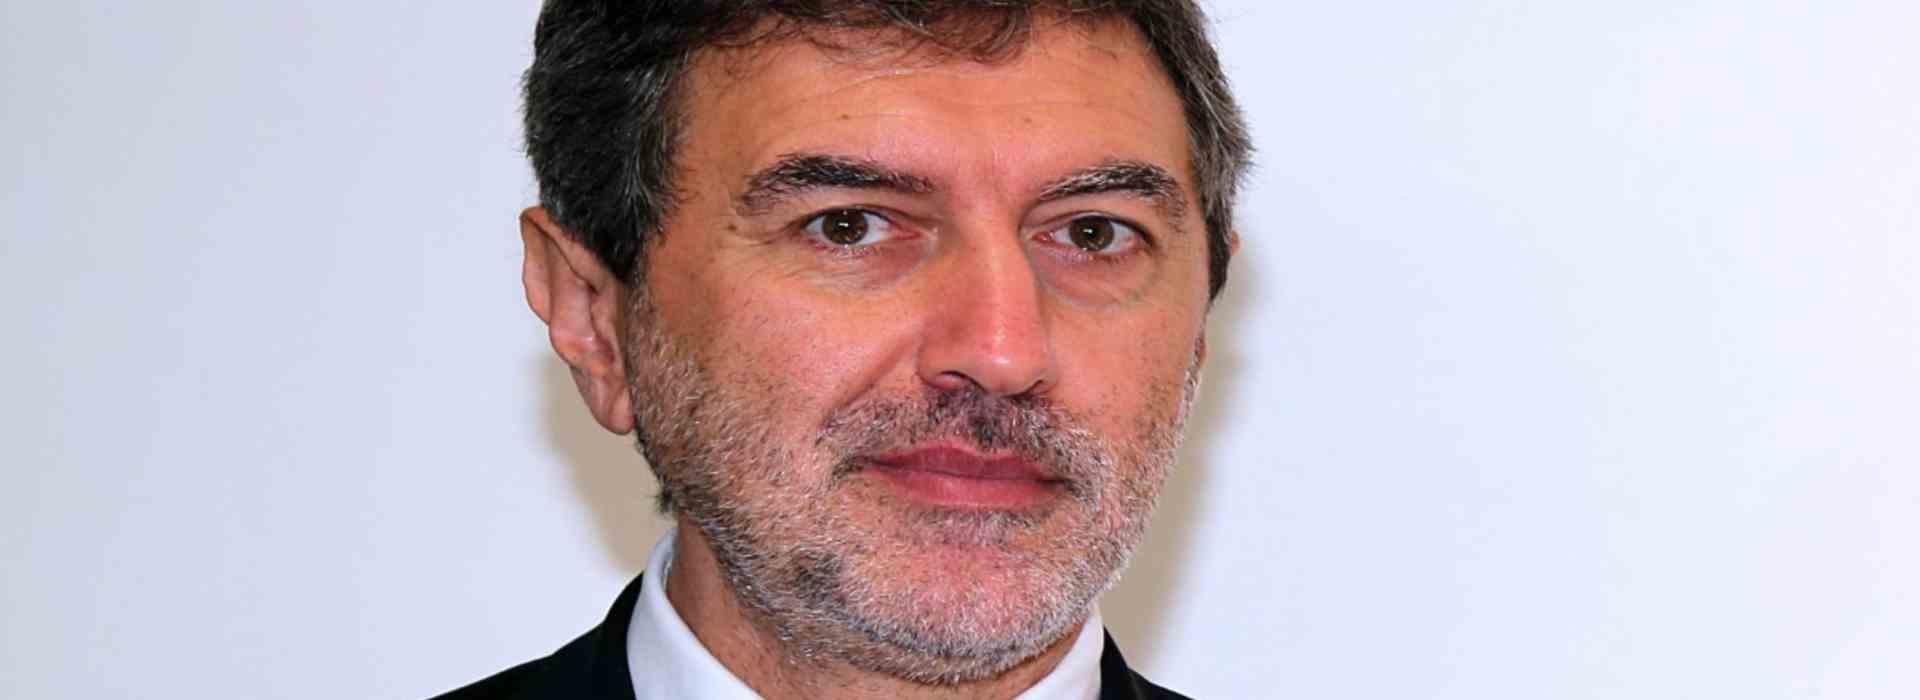 Covid, Abruzzo diventa zona rossa mentre Marsilio si vantava dell'operato